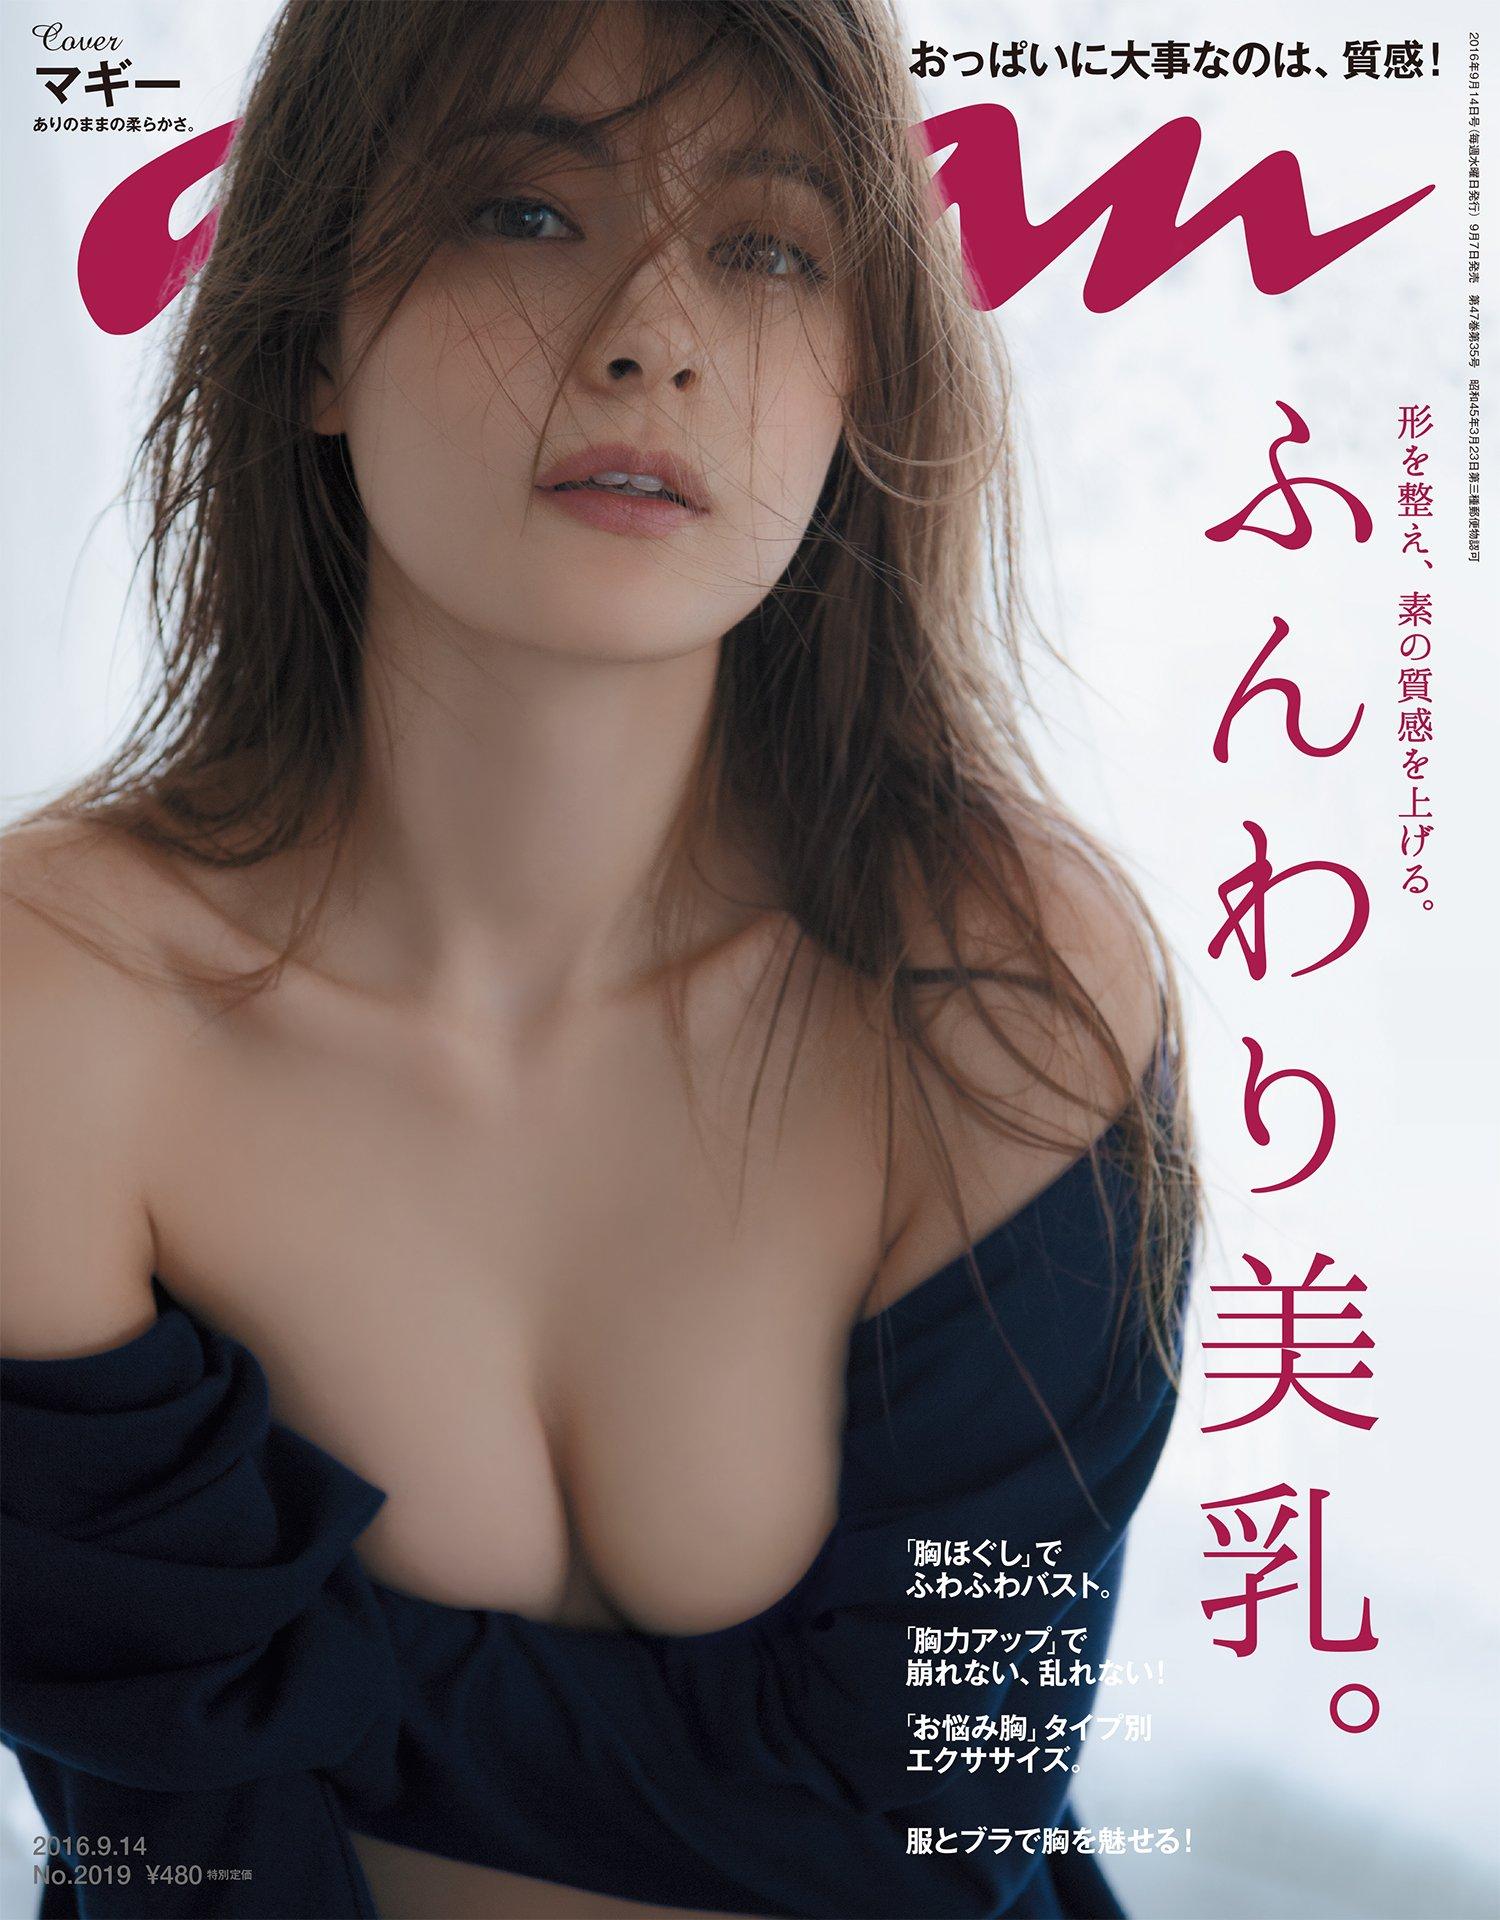 グラビアアイドル Cカップ マギー Maggy 作品集